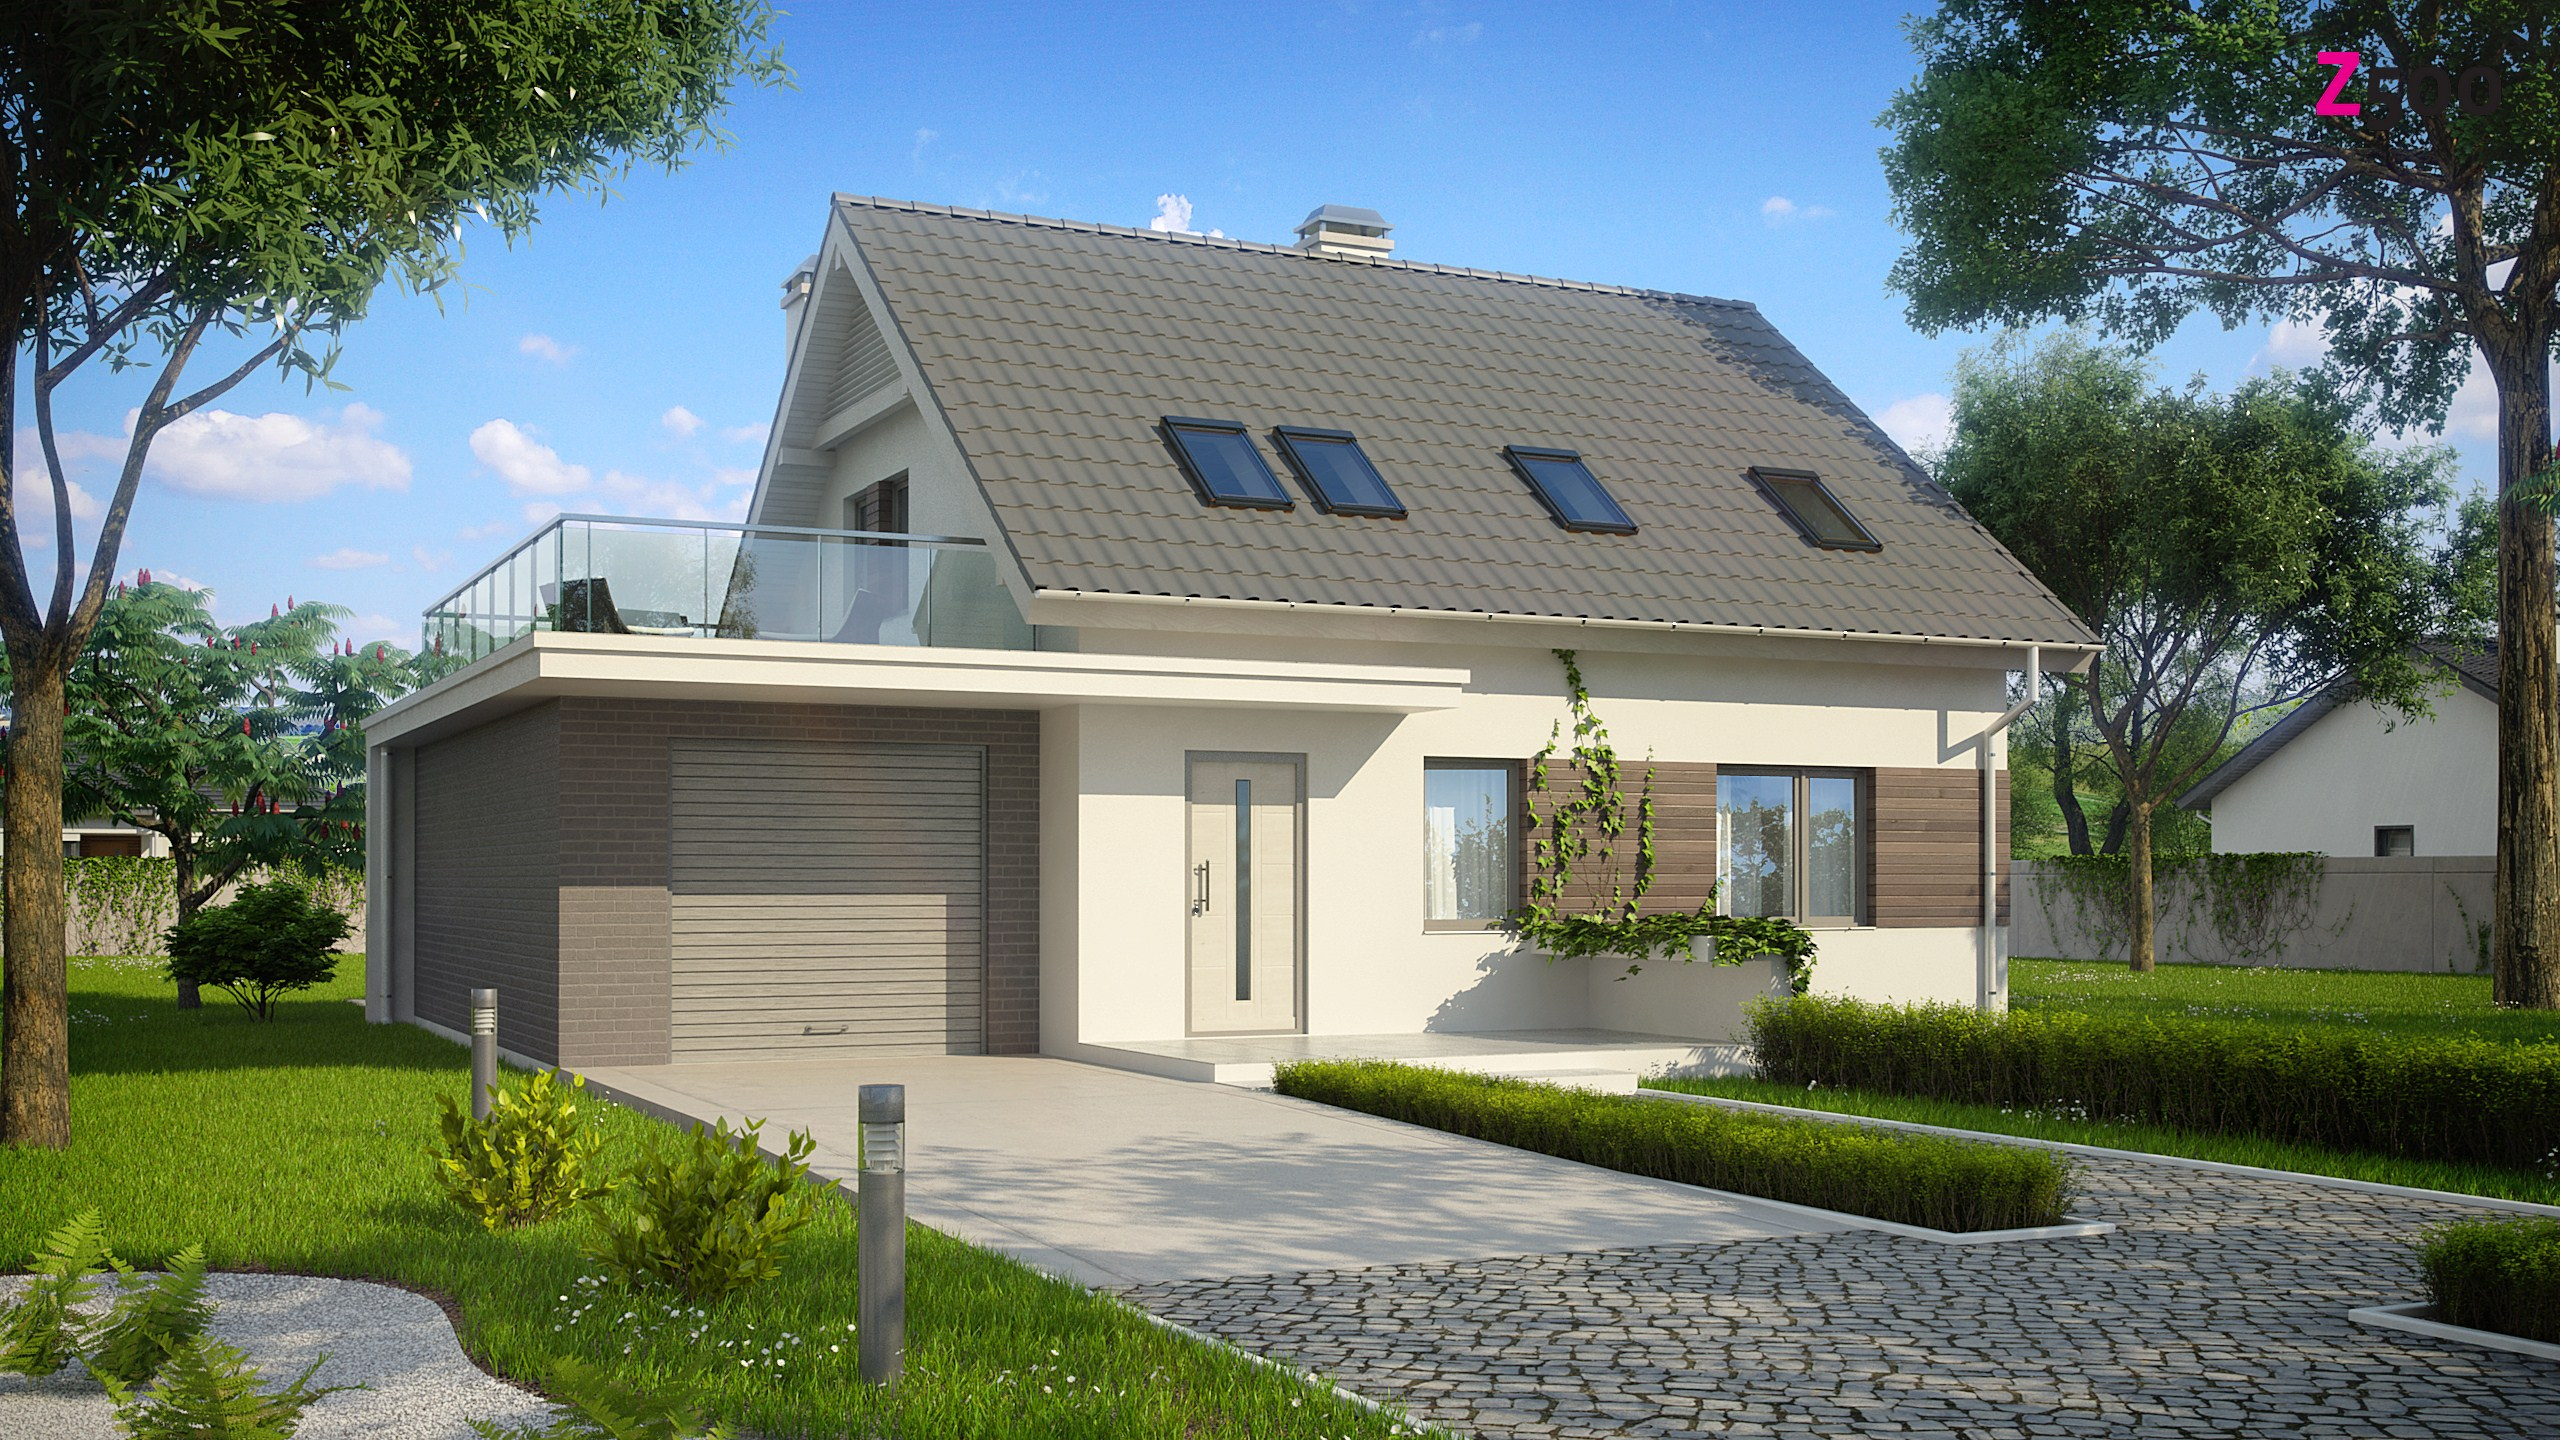 Проект небольшого одноэтажного дома с террасой над гаражом d.